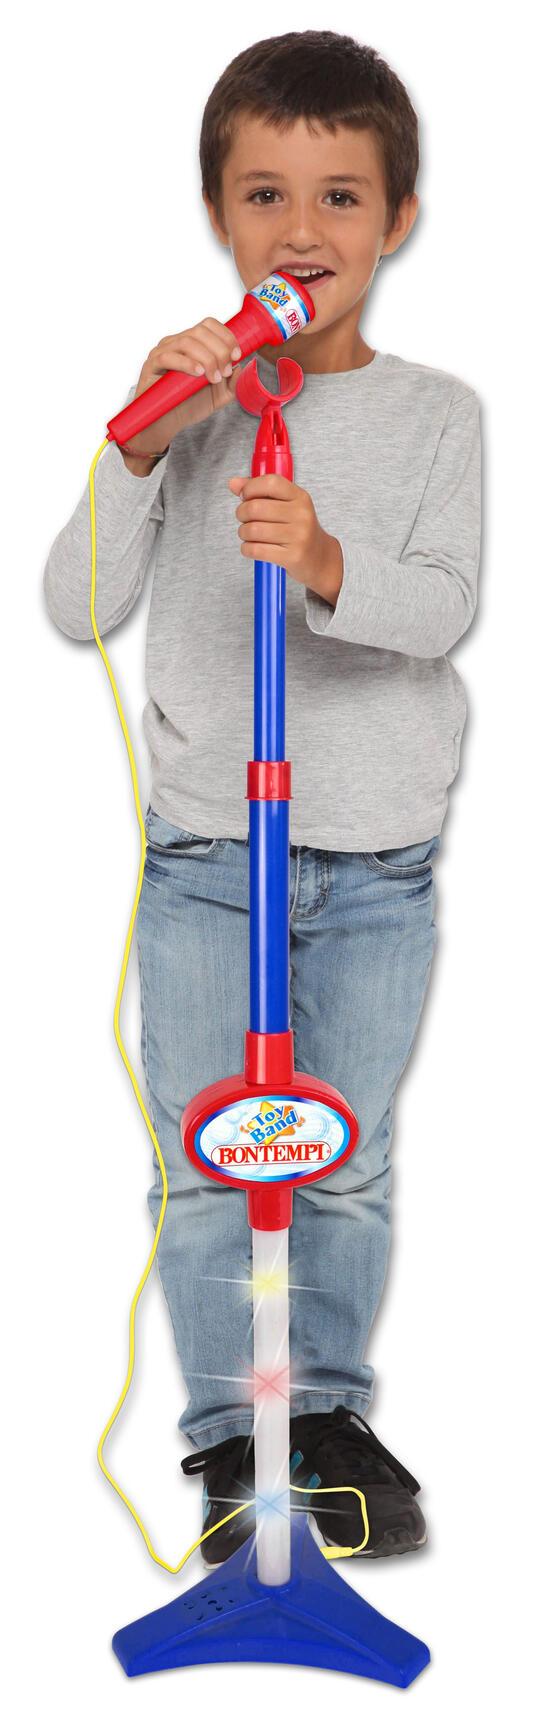 Microfono da Palcoscenico o da Tavolo Asta Regolabile in Altezza Connessione a Dispositivi Esterni. Bontempi (40 1120) - 4